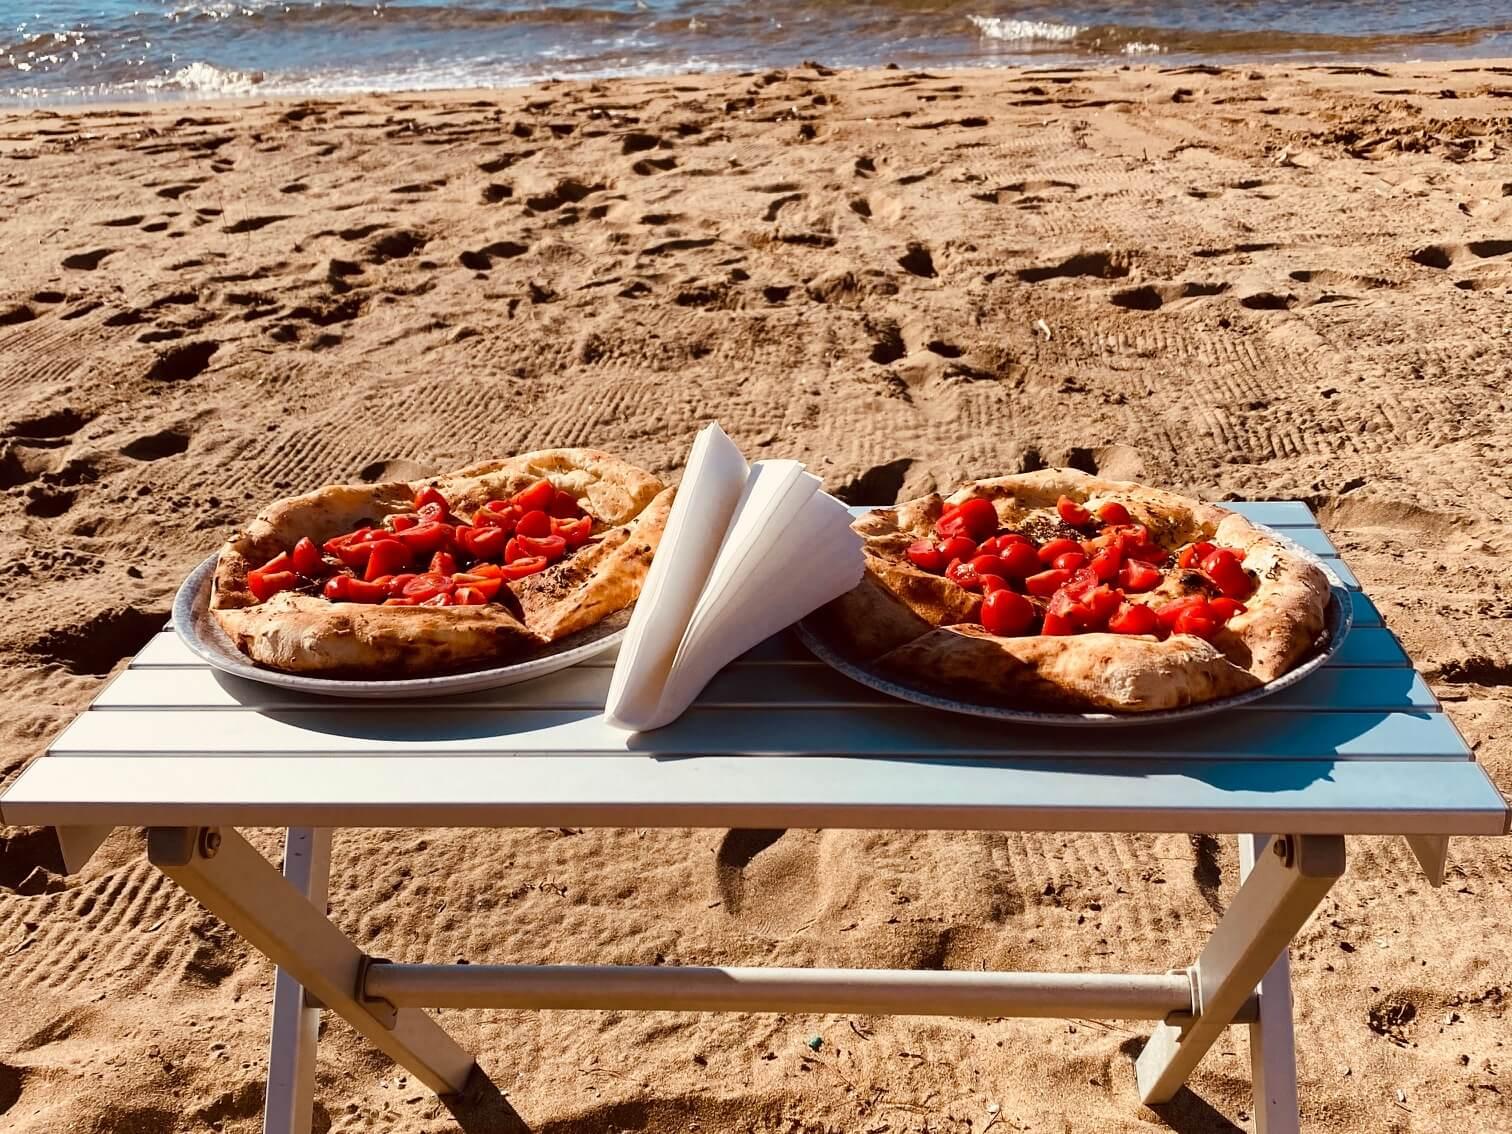 Pizza wird am Strand serviert